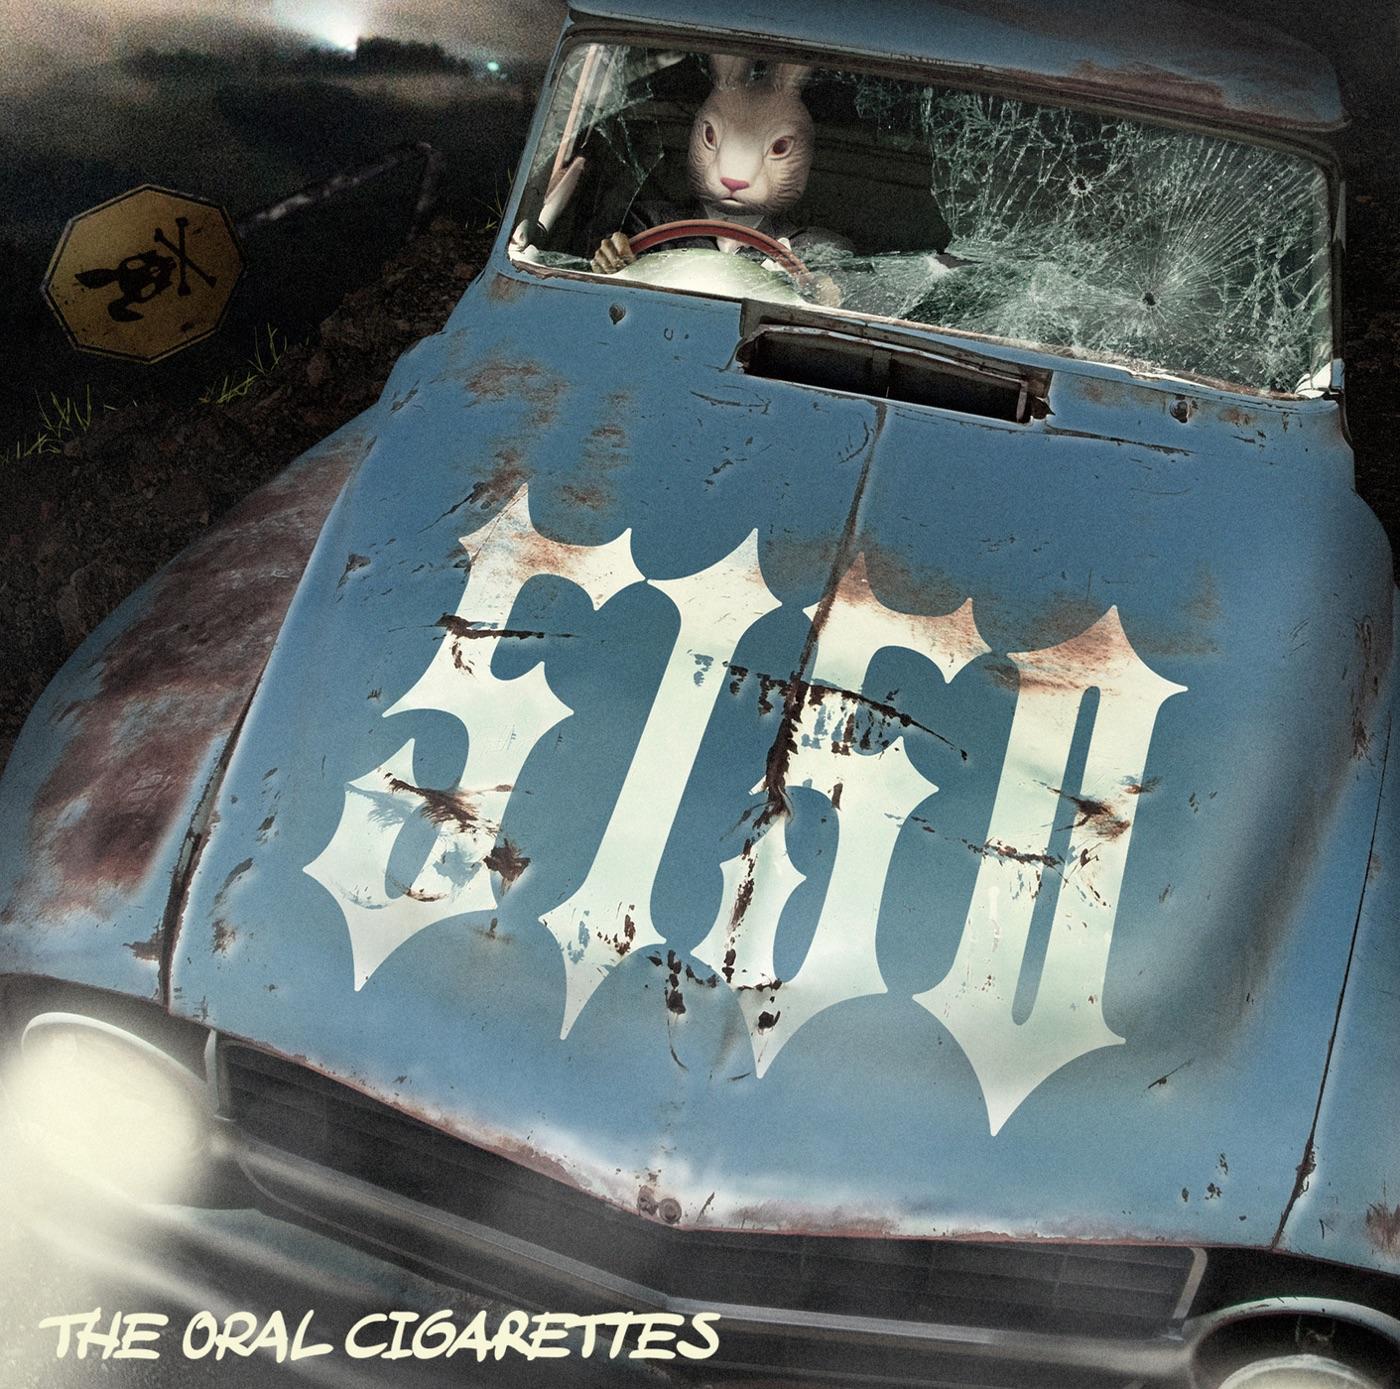 THE ORAL CIGARETTES - 5150 - Single